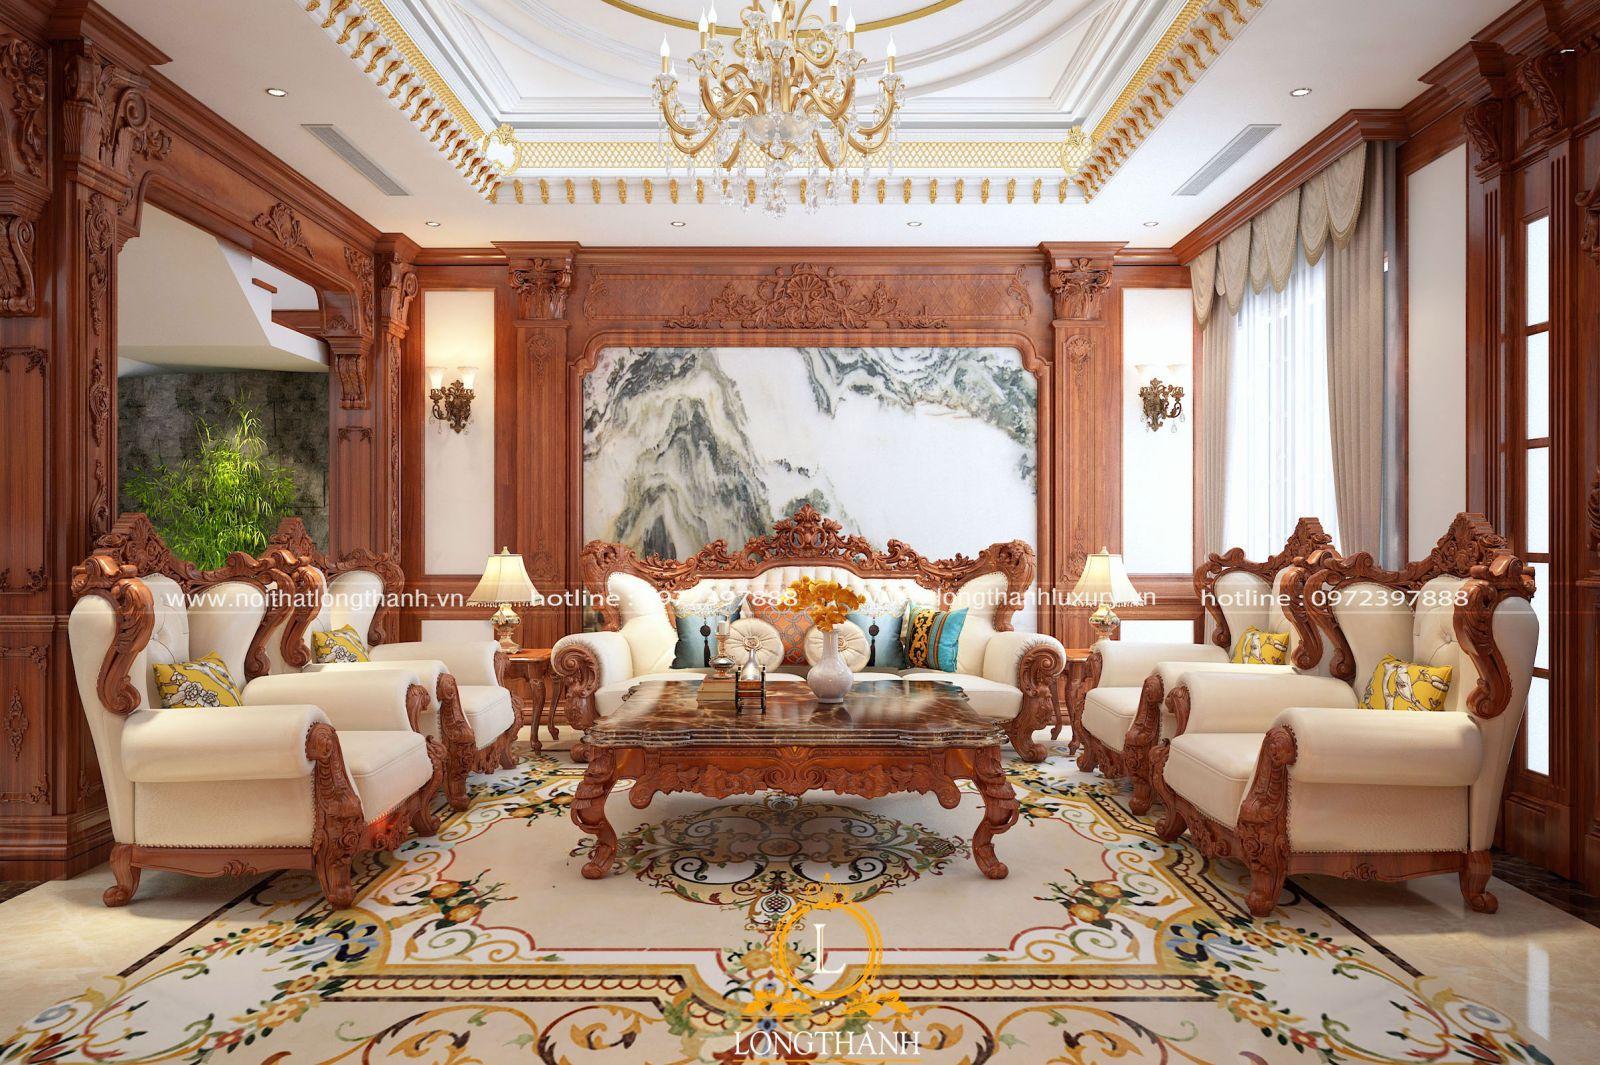 Bộ sofa tân cổ điển tinh tế được bố trí trung tâm căn phòng khách